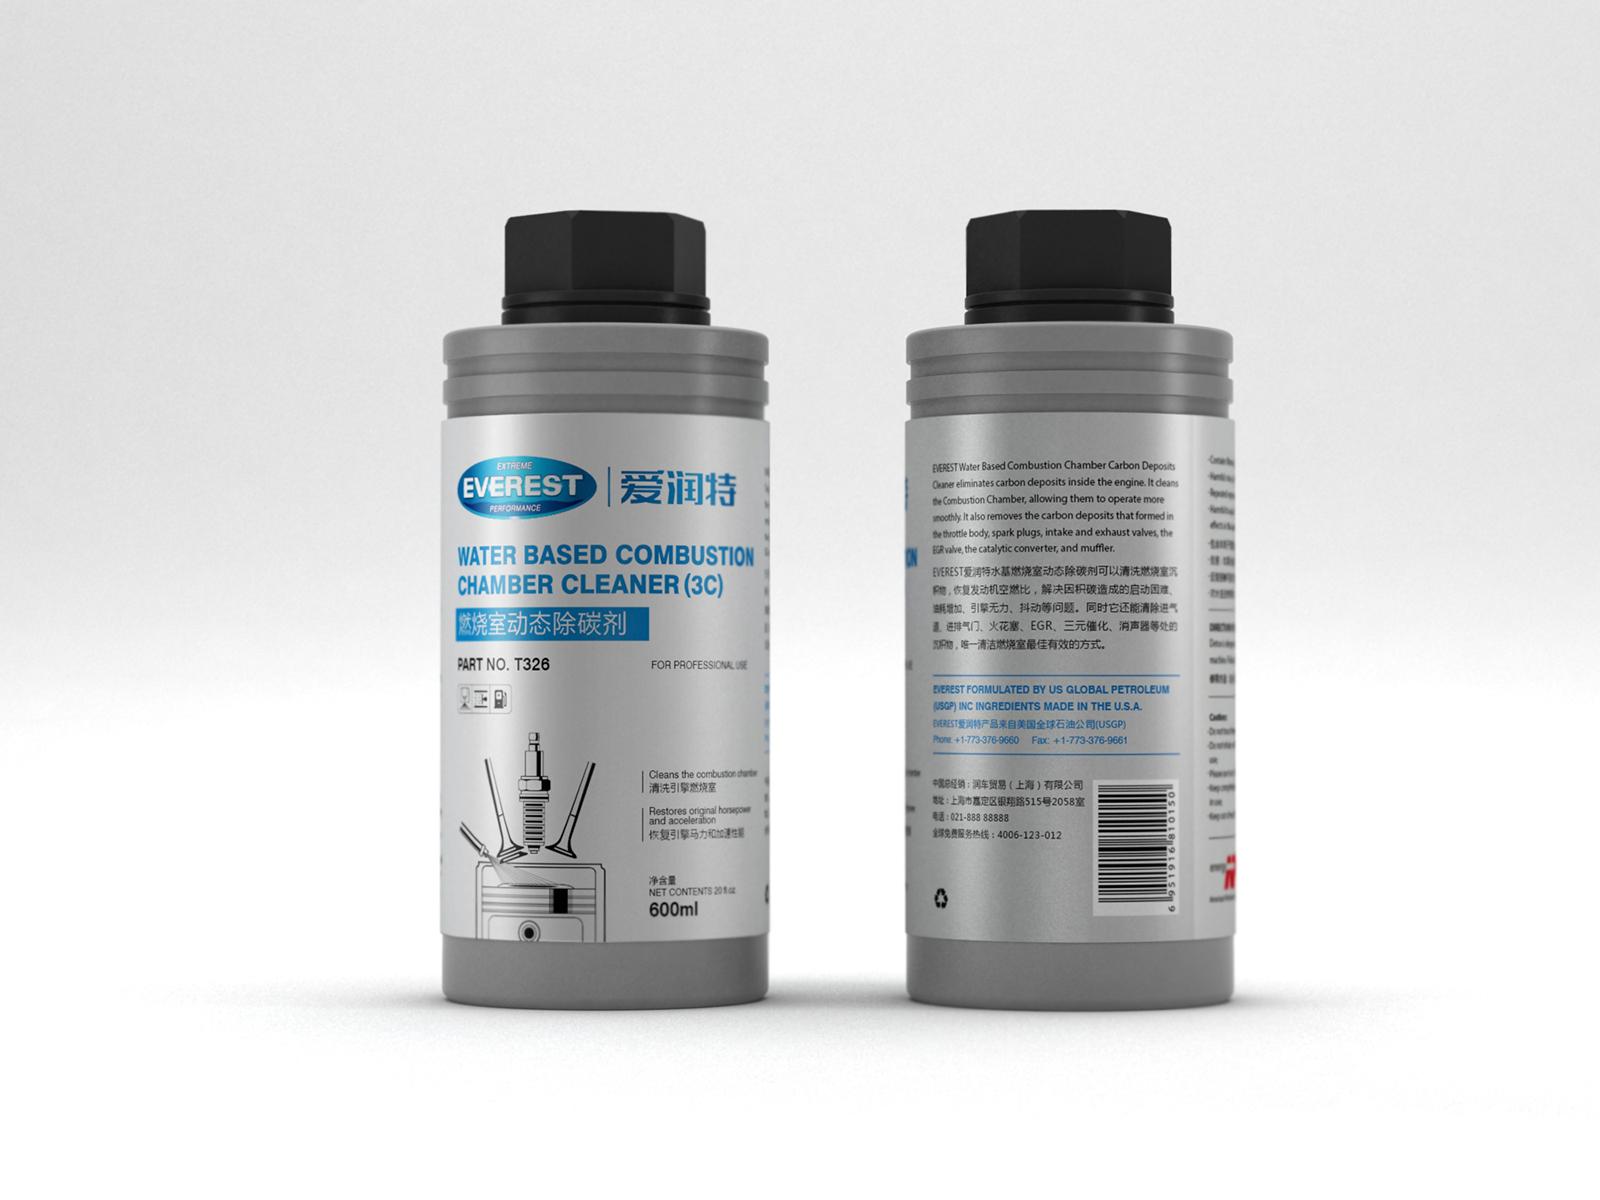 EVEREST爱润特汽车燃油品牌形象与包装-企业VI设计1